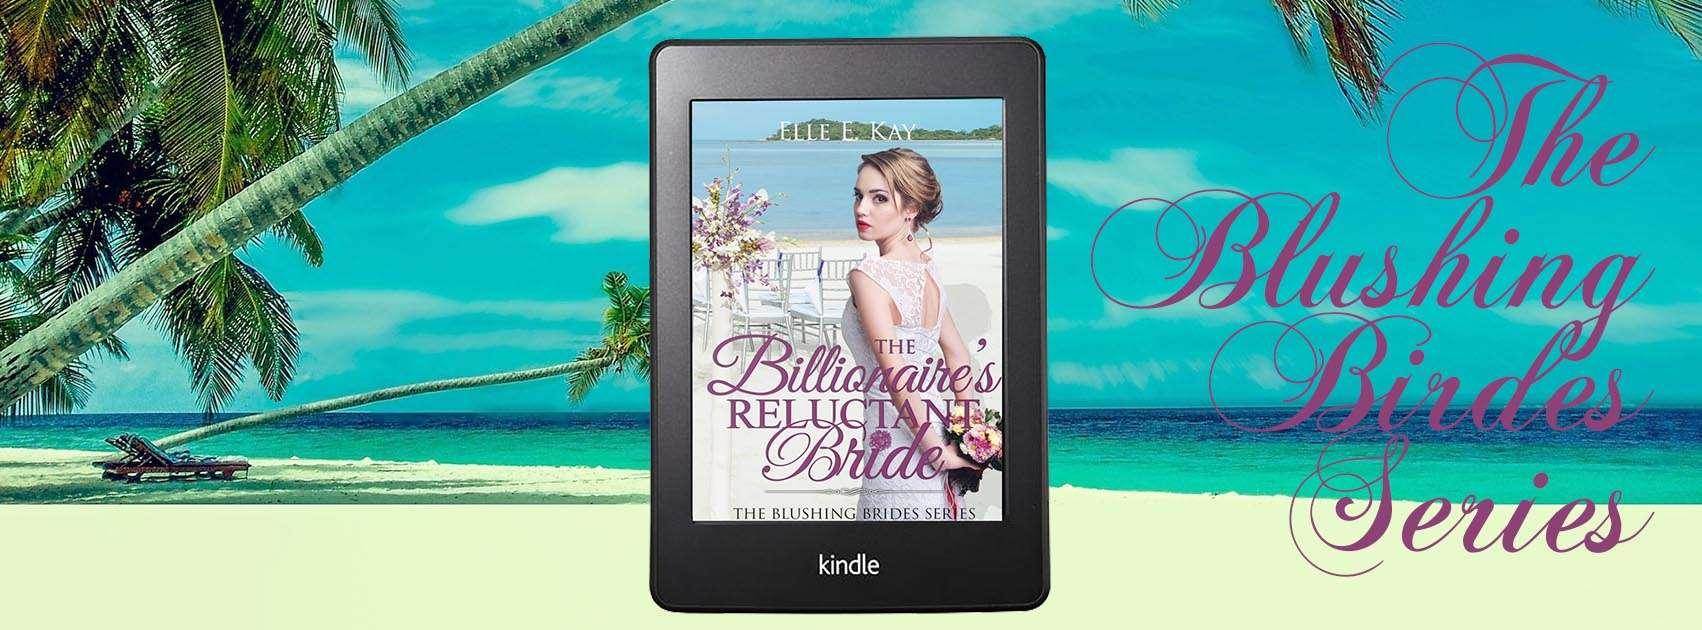 The Blushing Brides Series